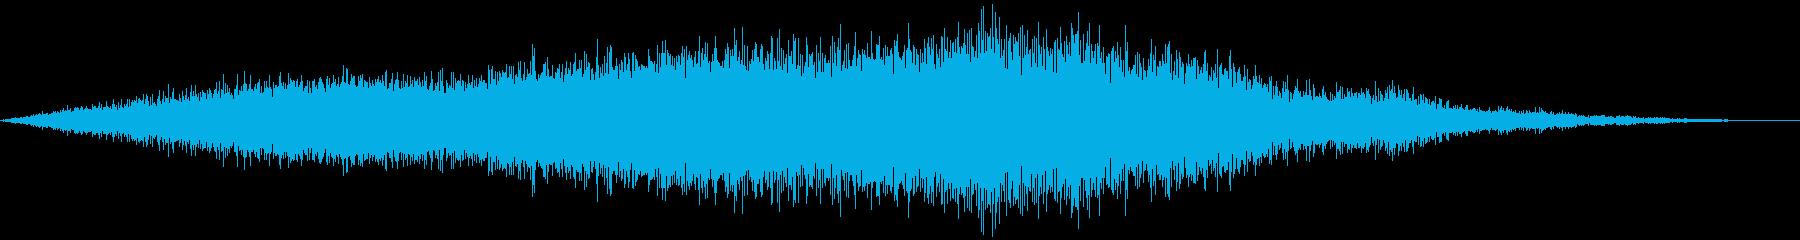 滑走路を通るプロペラ機の再生済みの波形